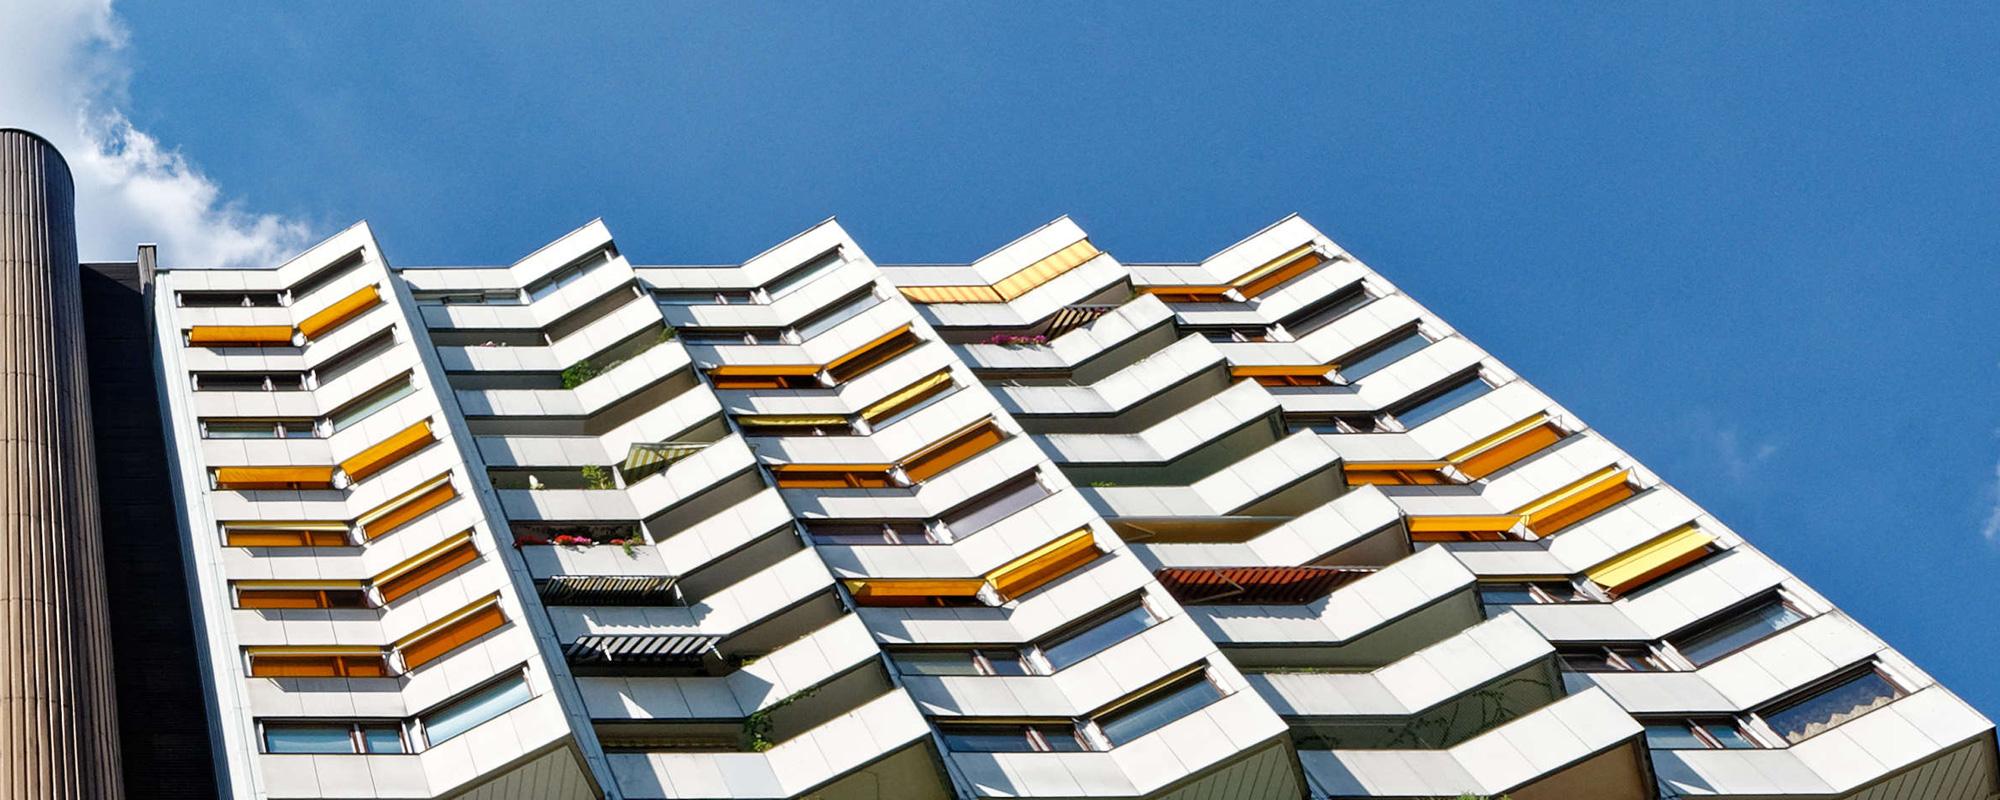 brauner Liftturm und weiße Fassade des Wohnparks mit Loggien und orangen Markisoletten im Sommer